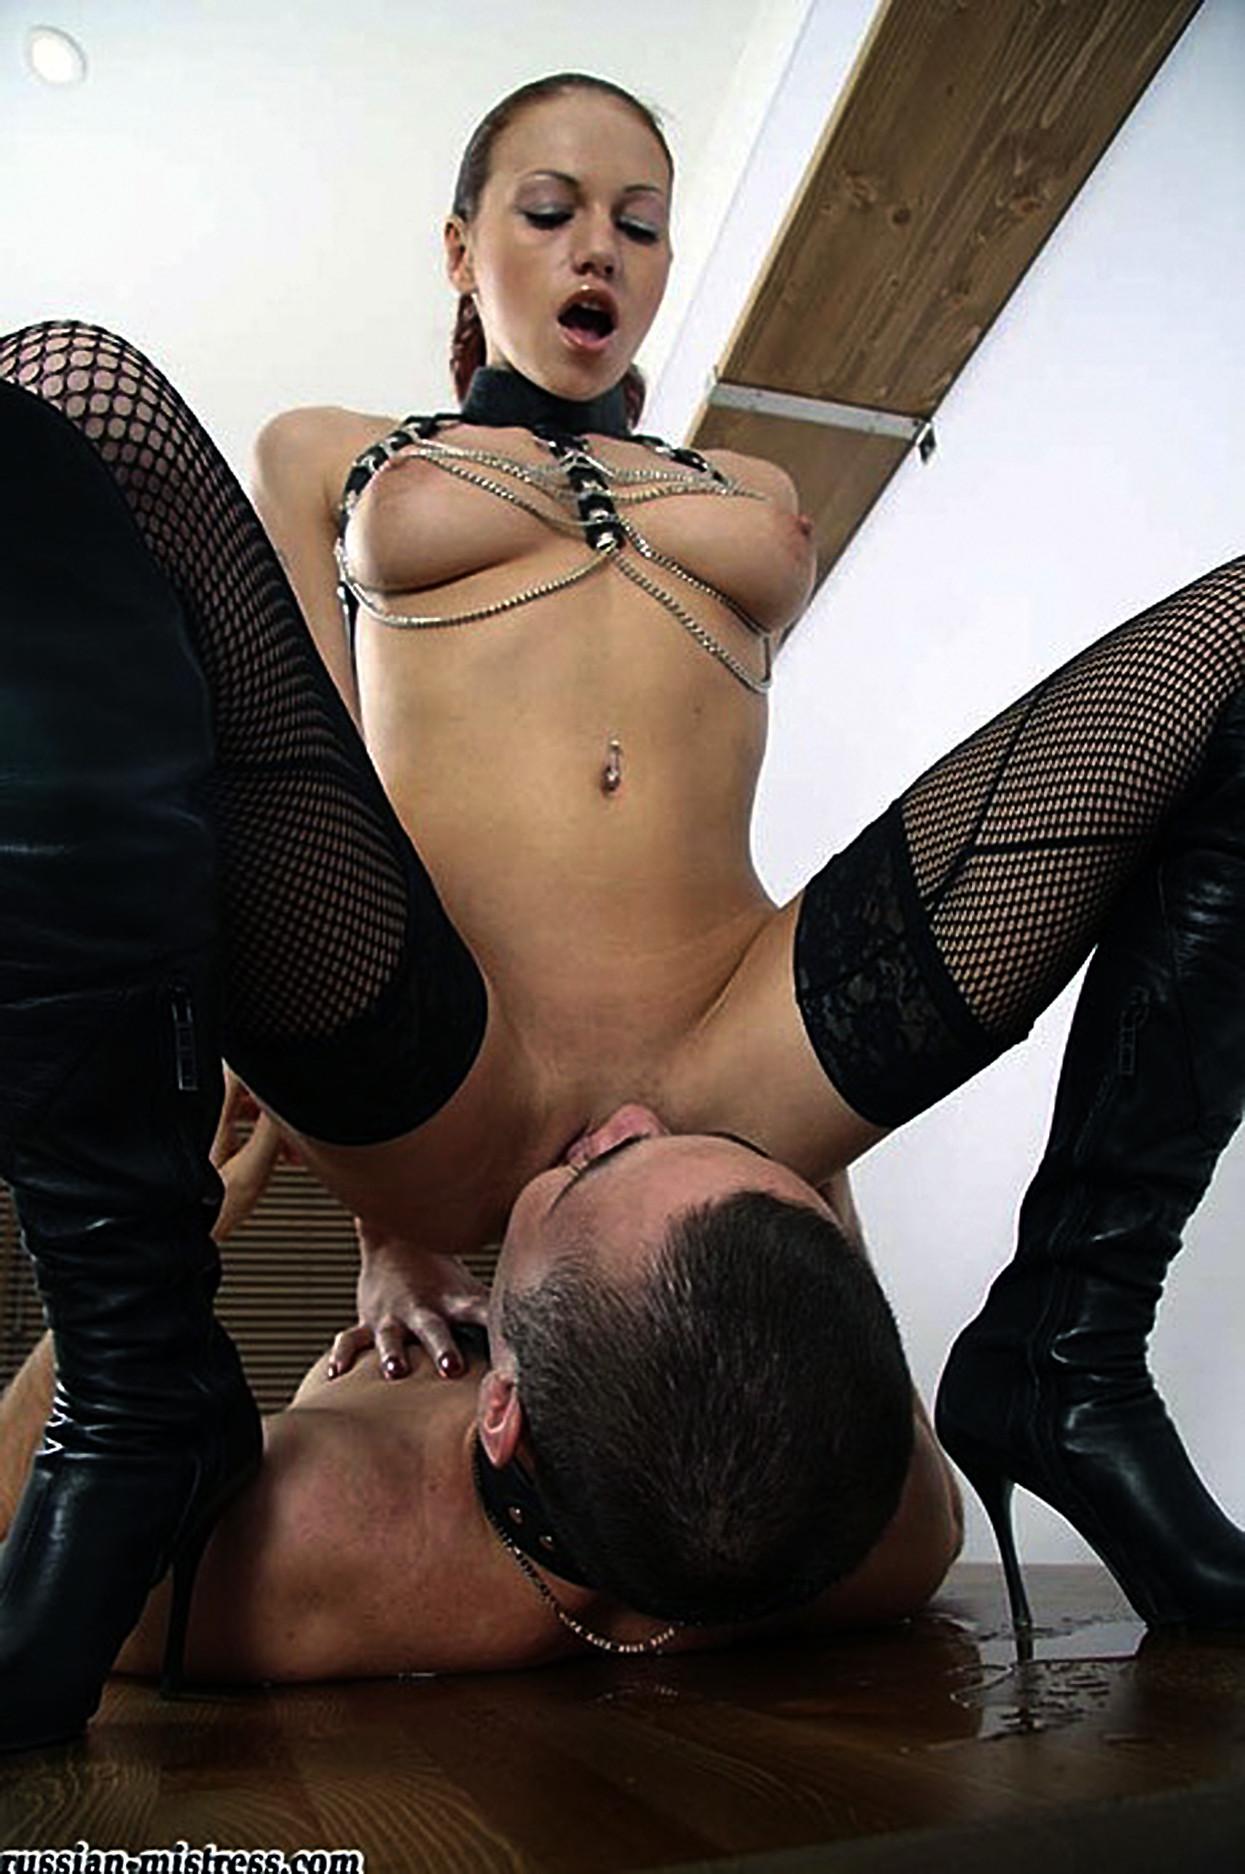 Порно бесплатно онлайн смотреть госпожи